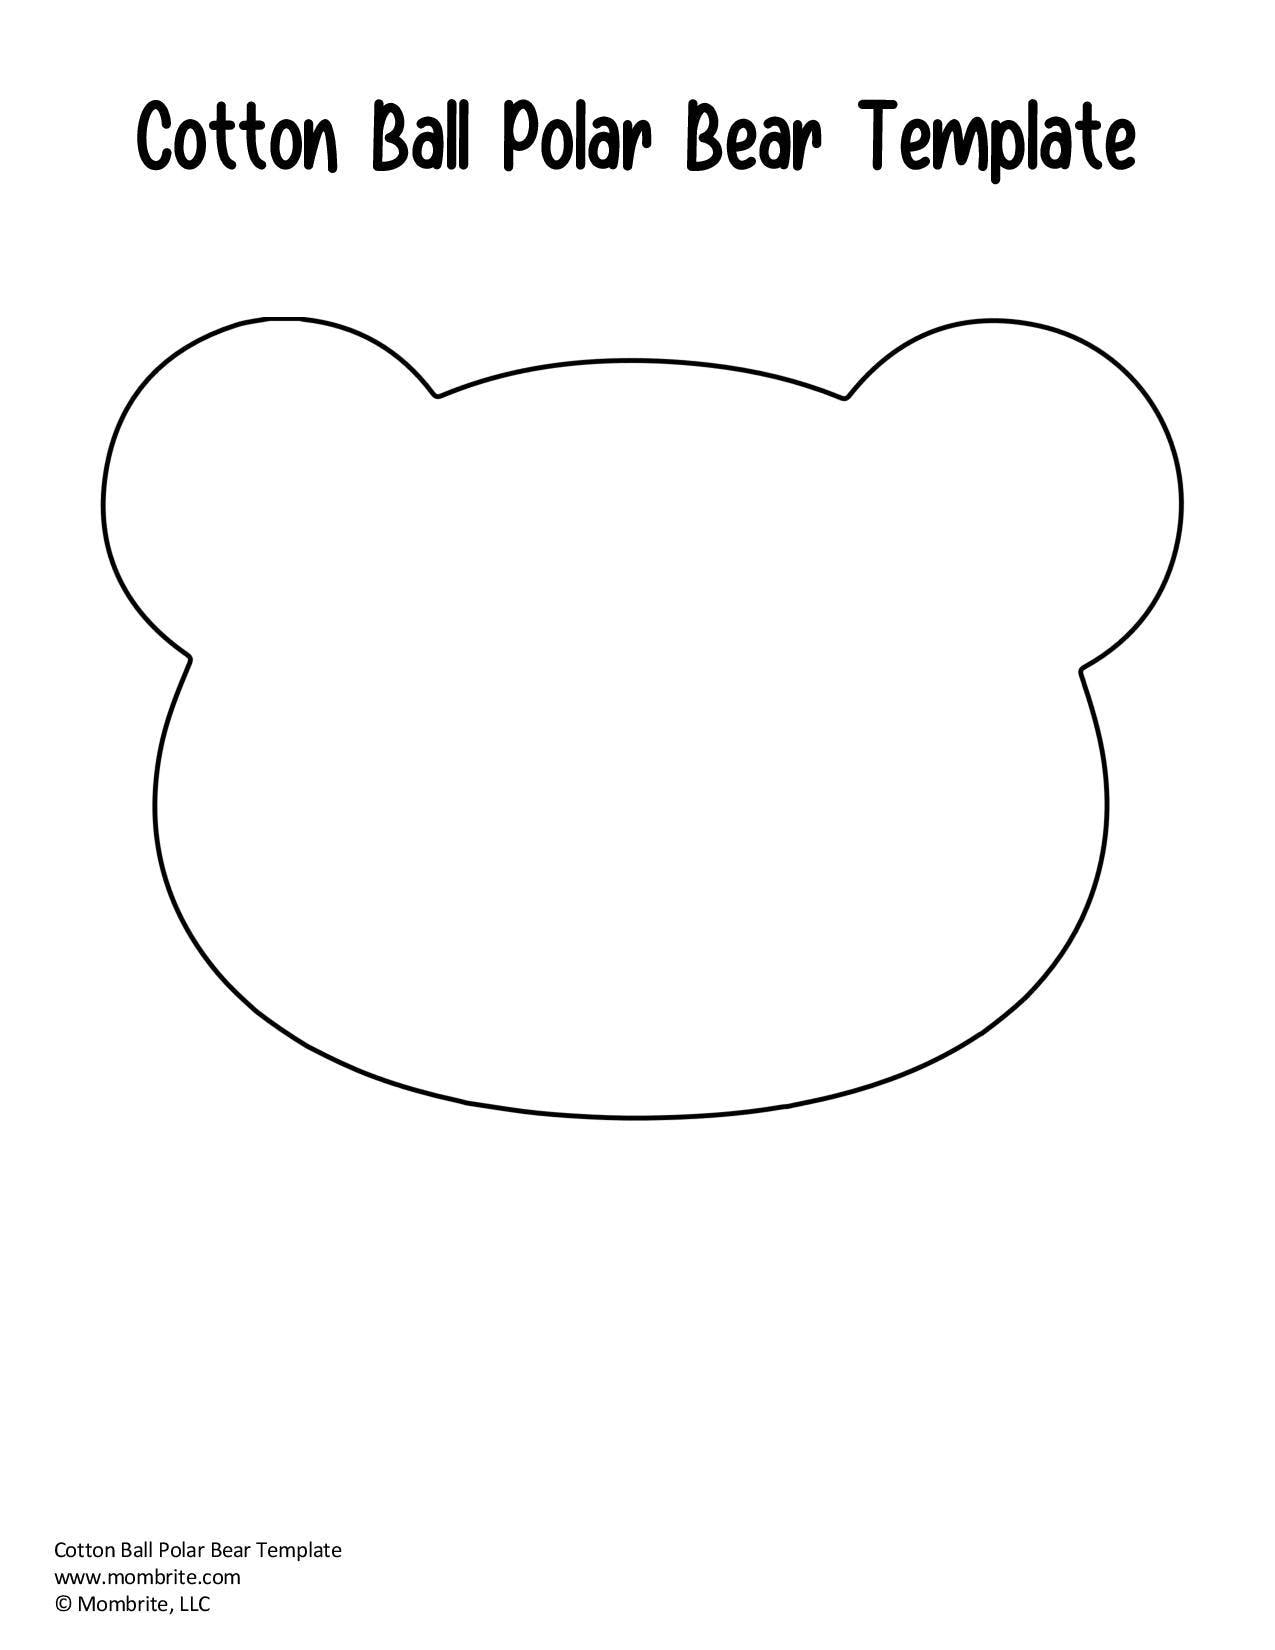 Free Cotton Ball Polar Bear Template